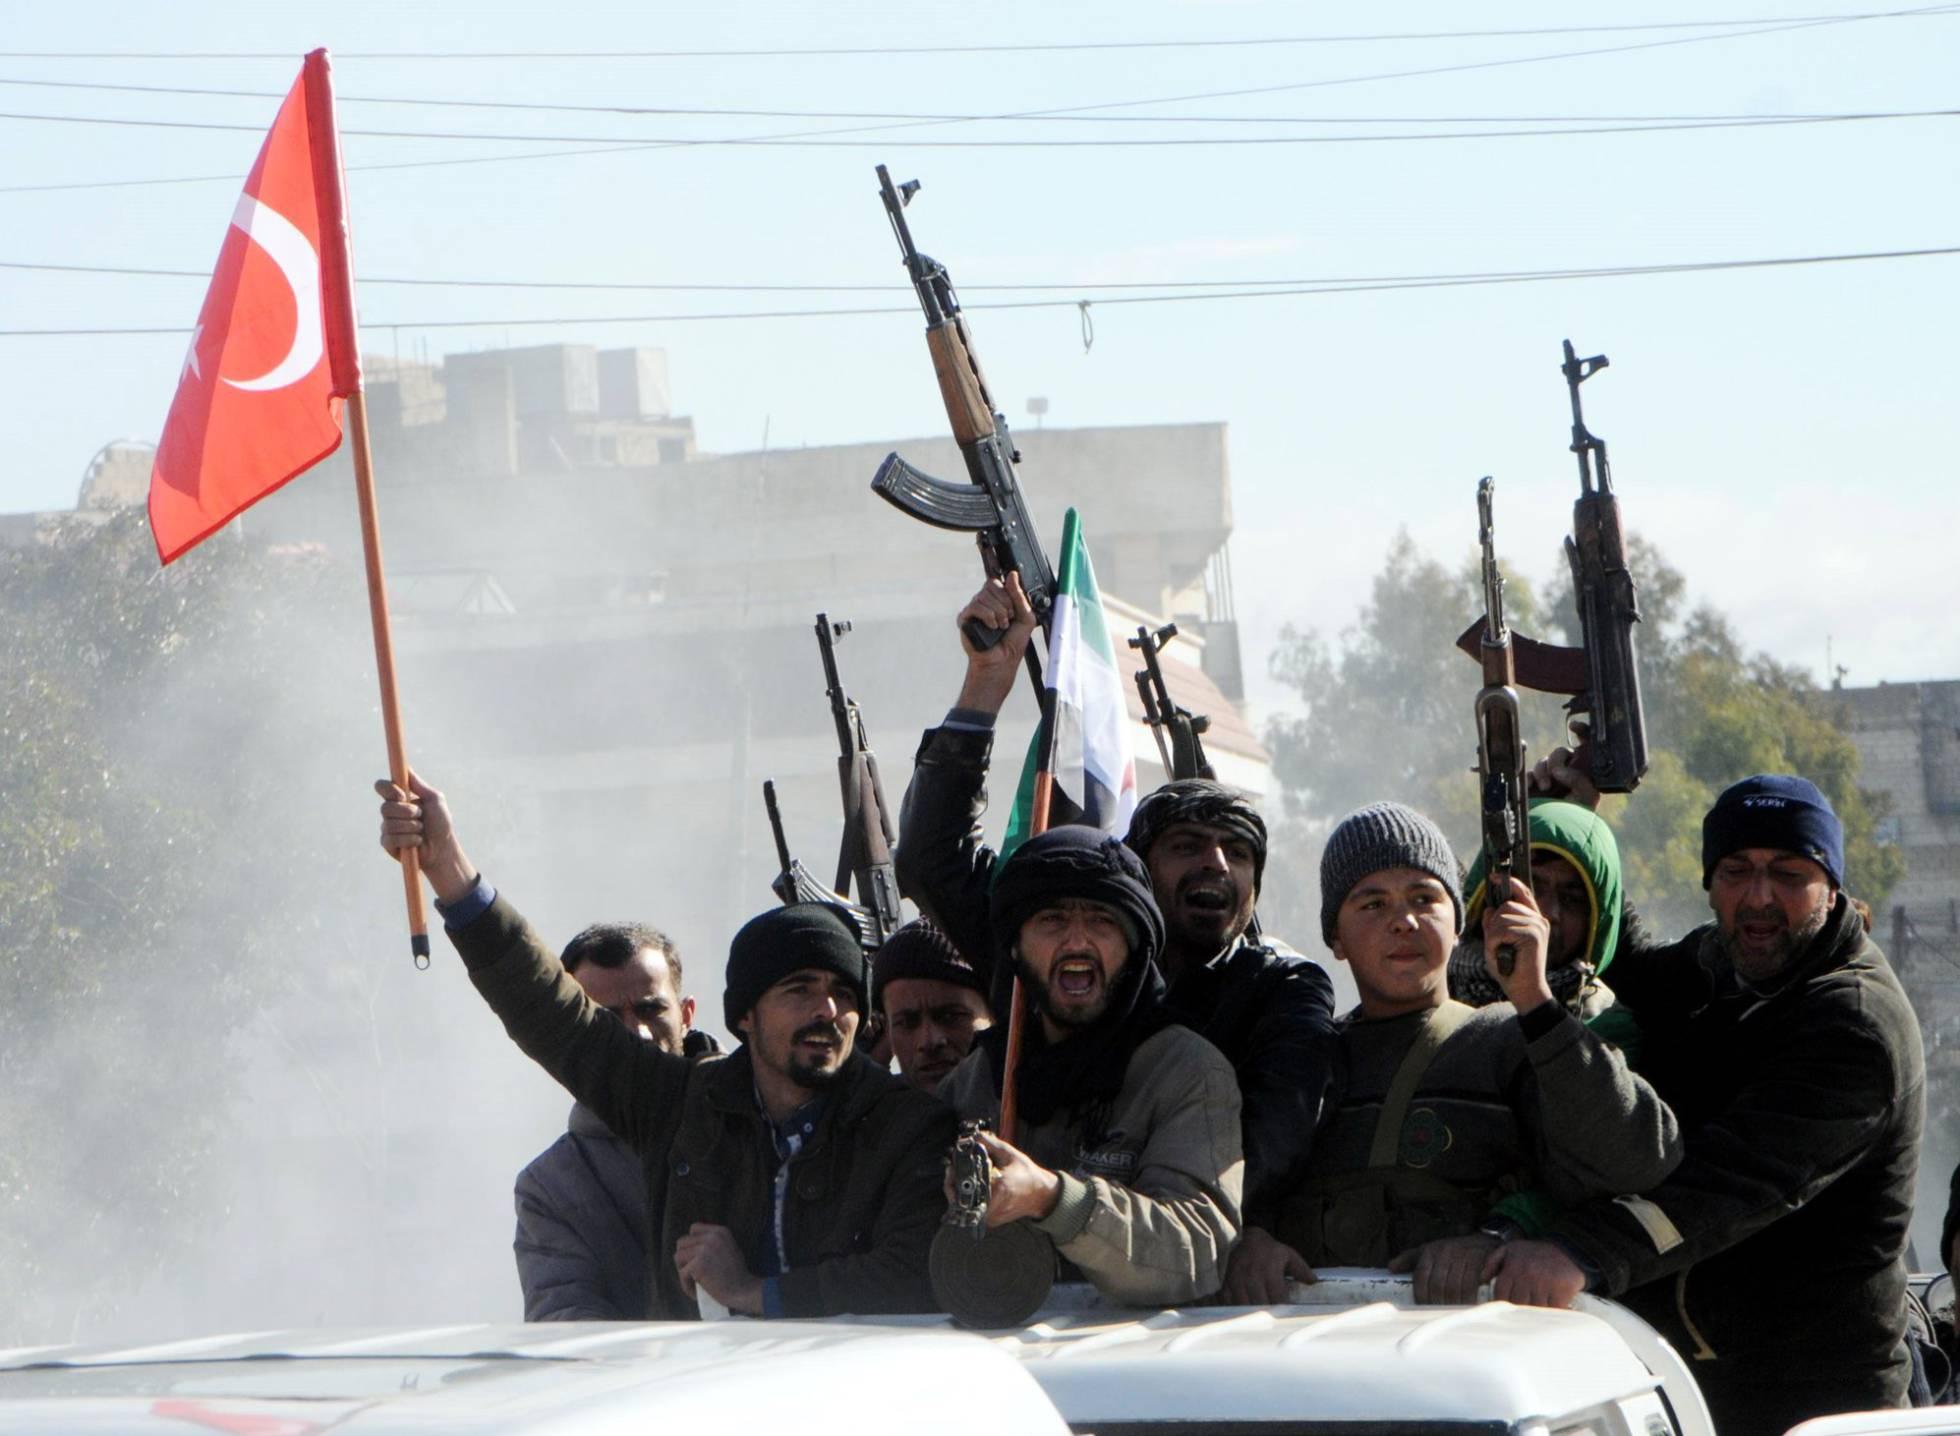 Siria - Conflicto Turquía - Siria  - Página 13 1516458816_520710_1516459311_noticia_normal_recorte1